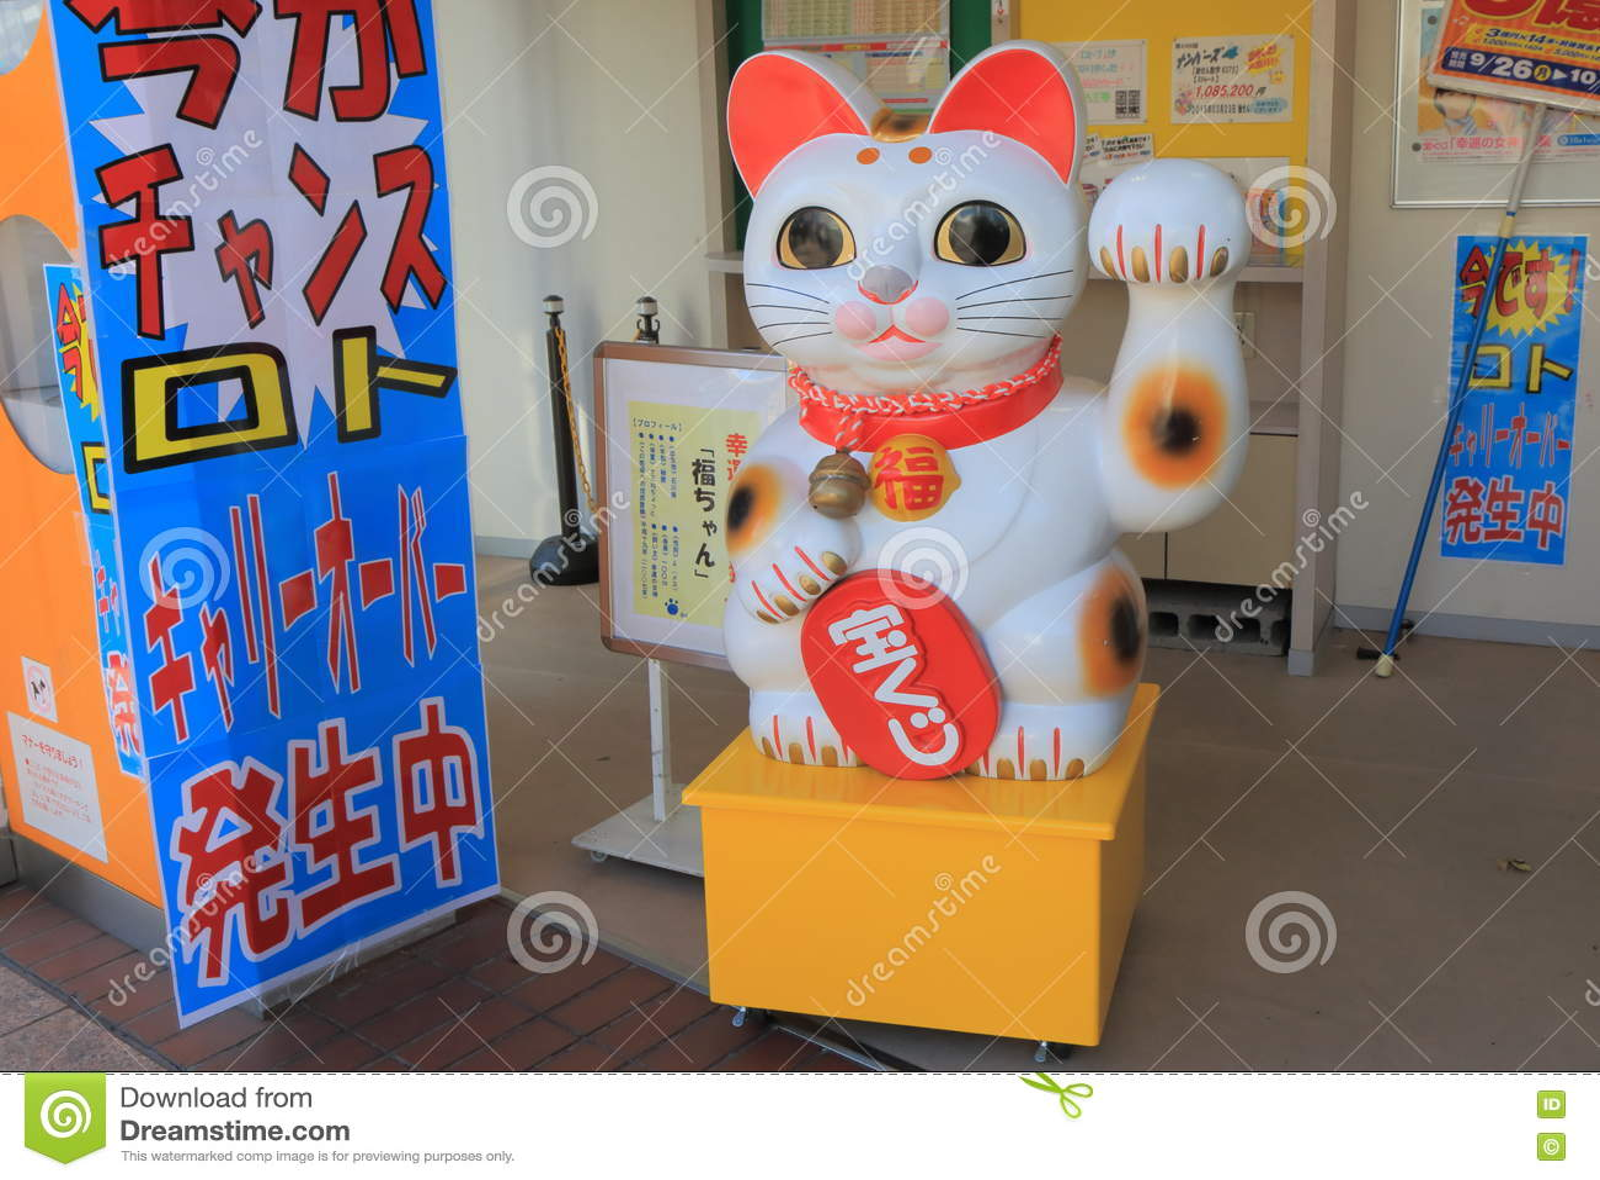 urethral obstruction cat